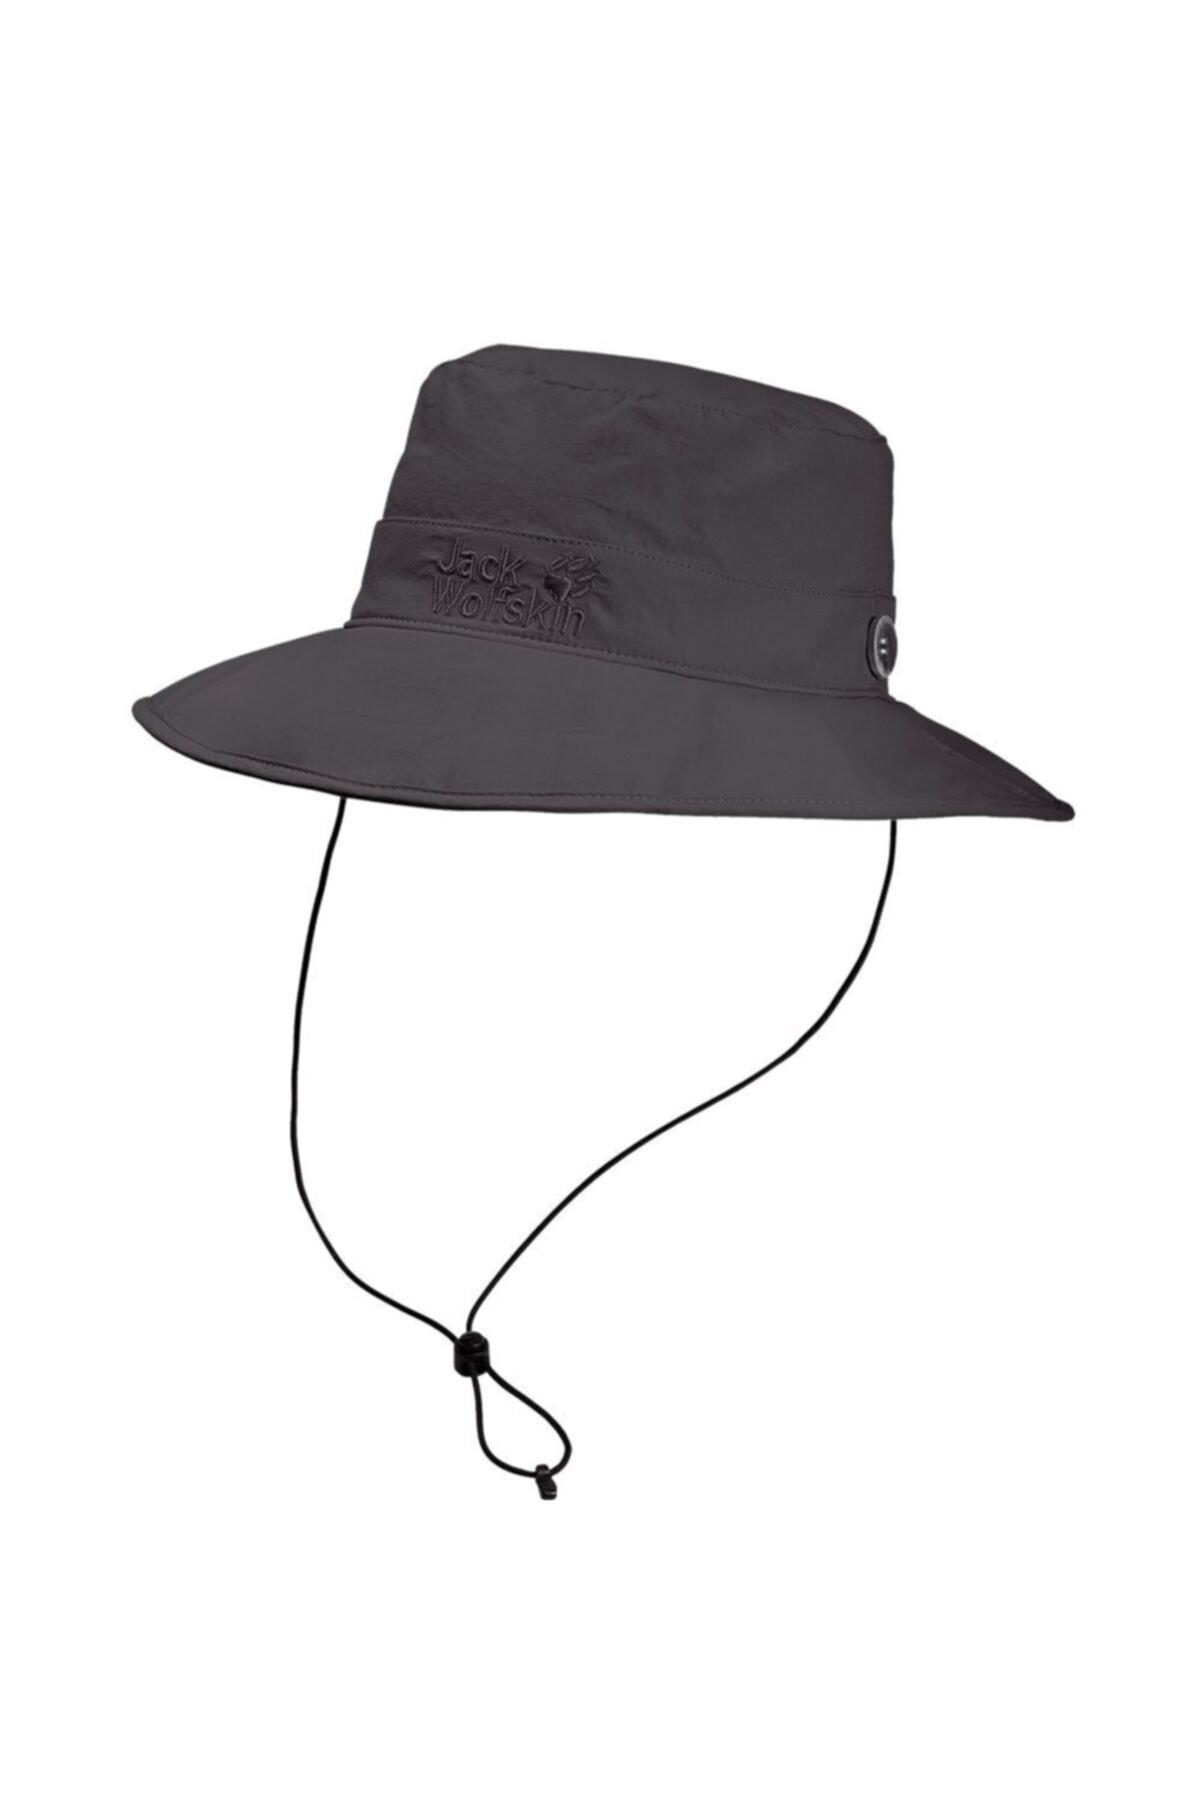 Jack Wolfskin Supplex Mesh Hat Outdoor Şapka 1